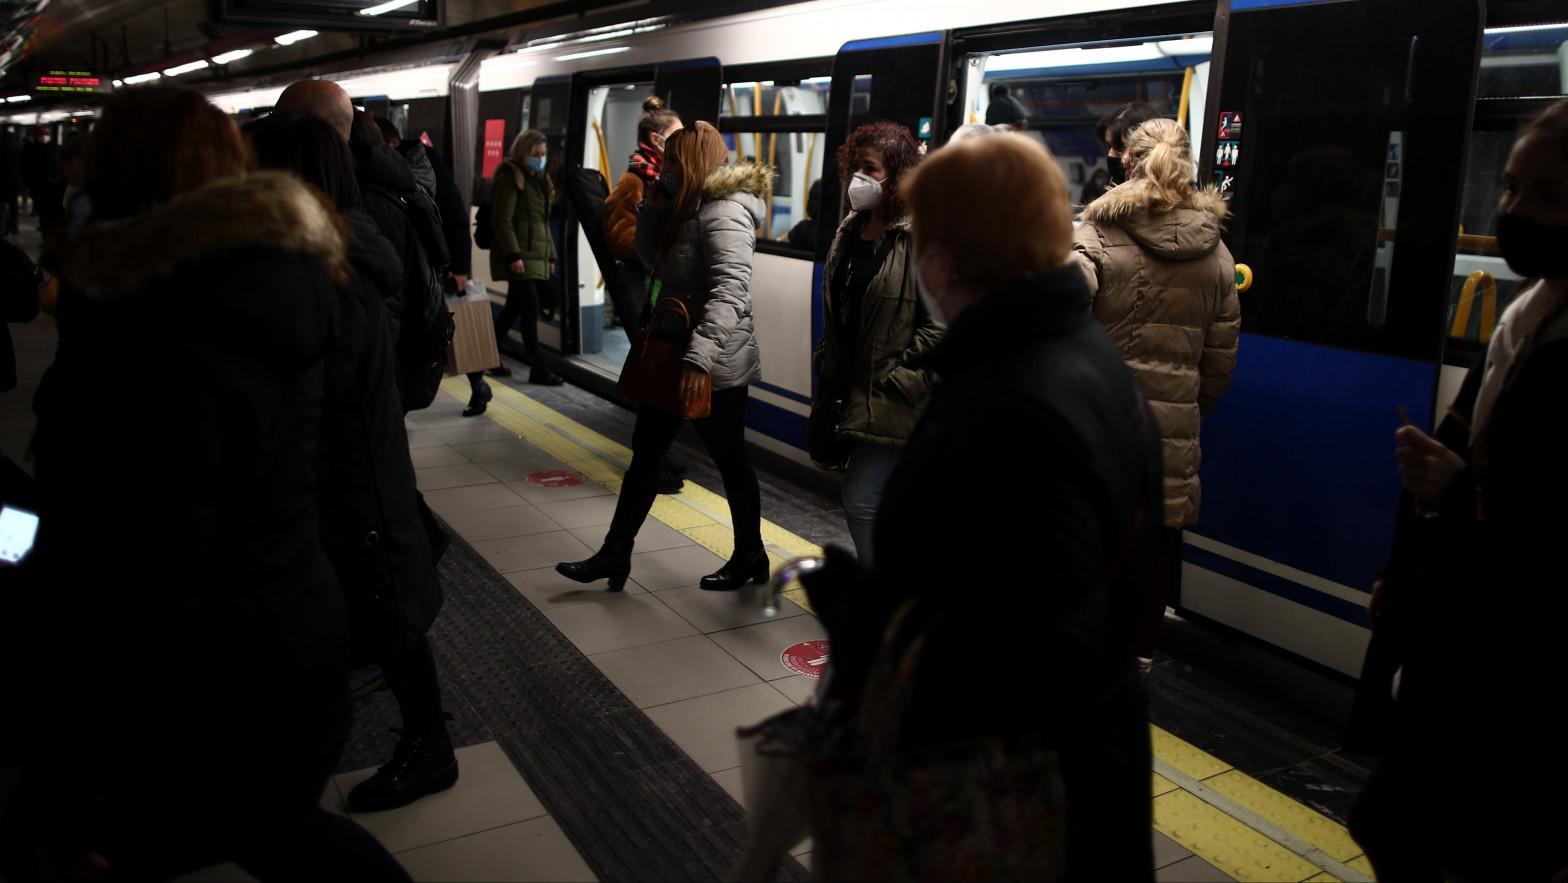 Viajeros entran y salen de un Metro en la estación de Madrid.